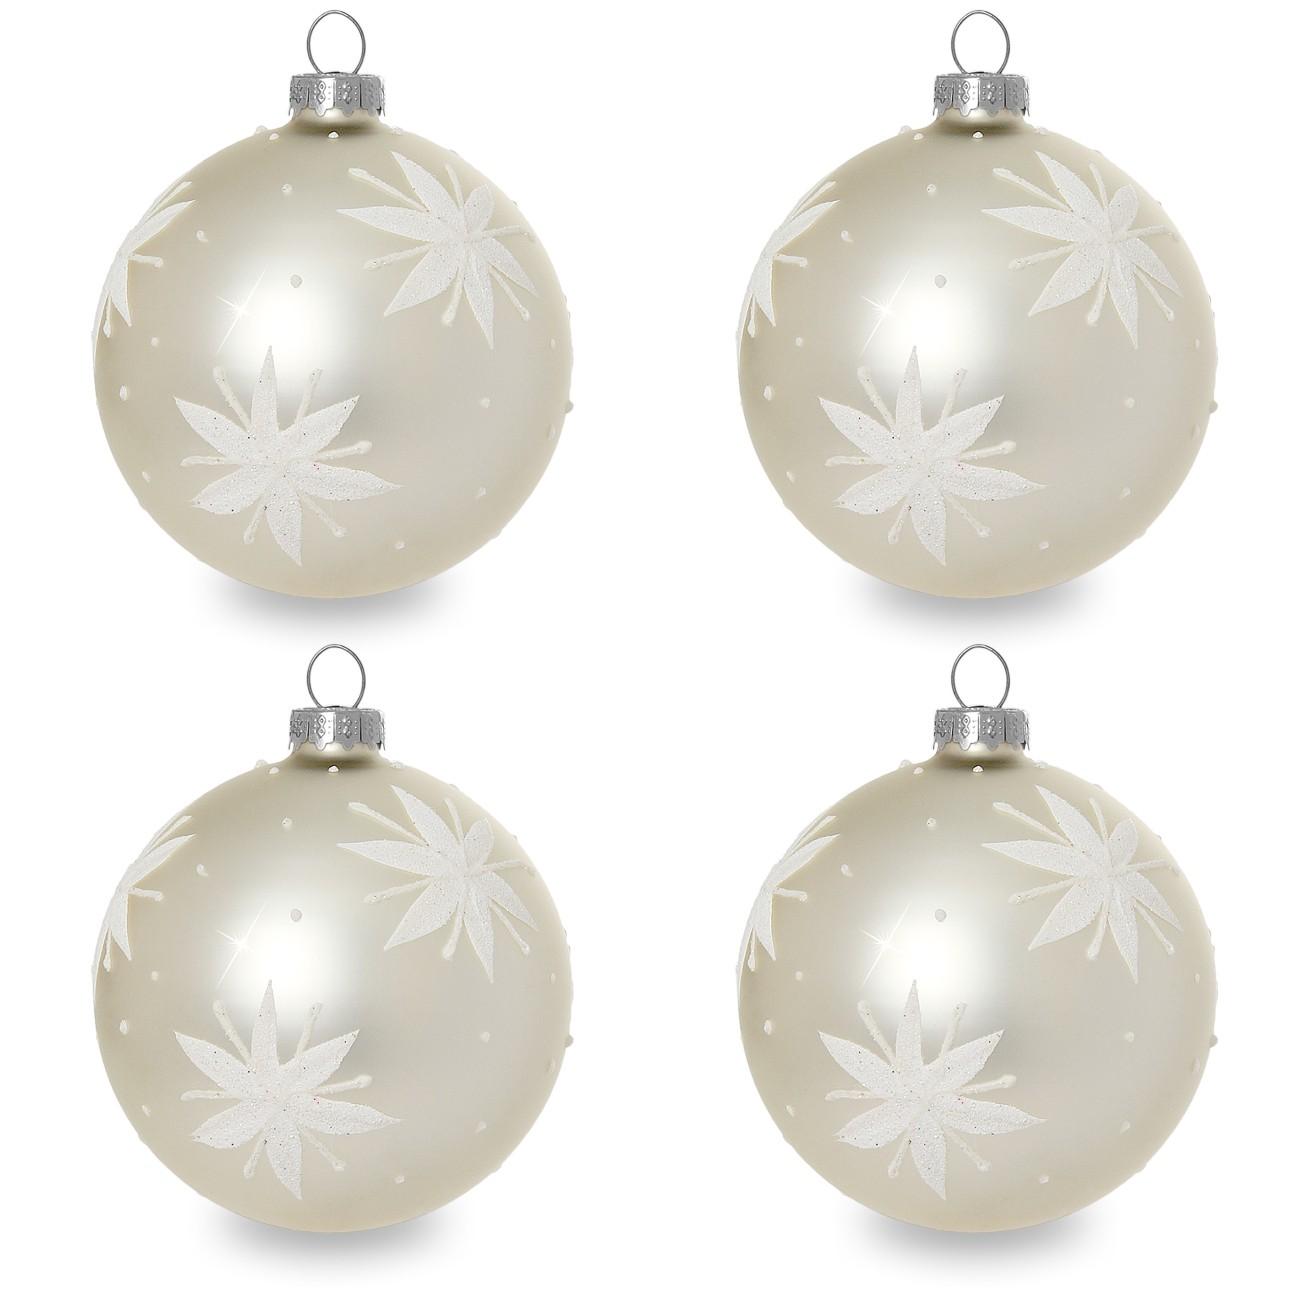 sikora christbaumkugeln aus glas mit klassischer verzierung stary night creme weiss 4er. Black Bedroom Furniture Sets. Home Design Ideas